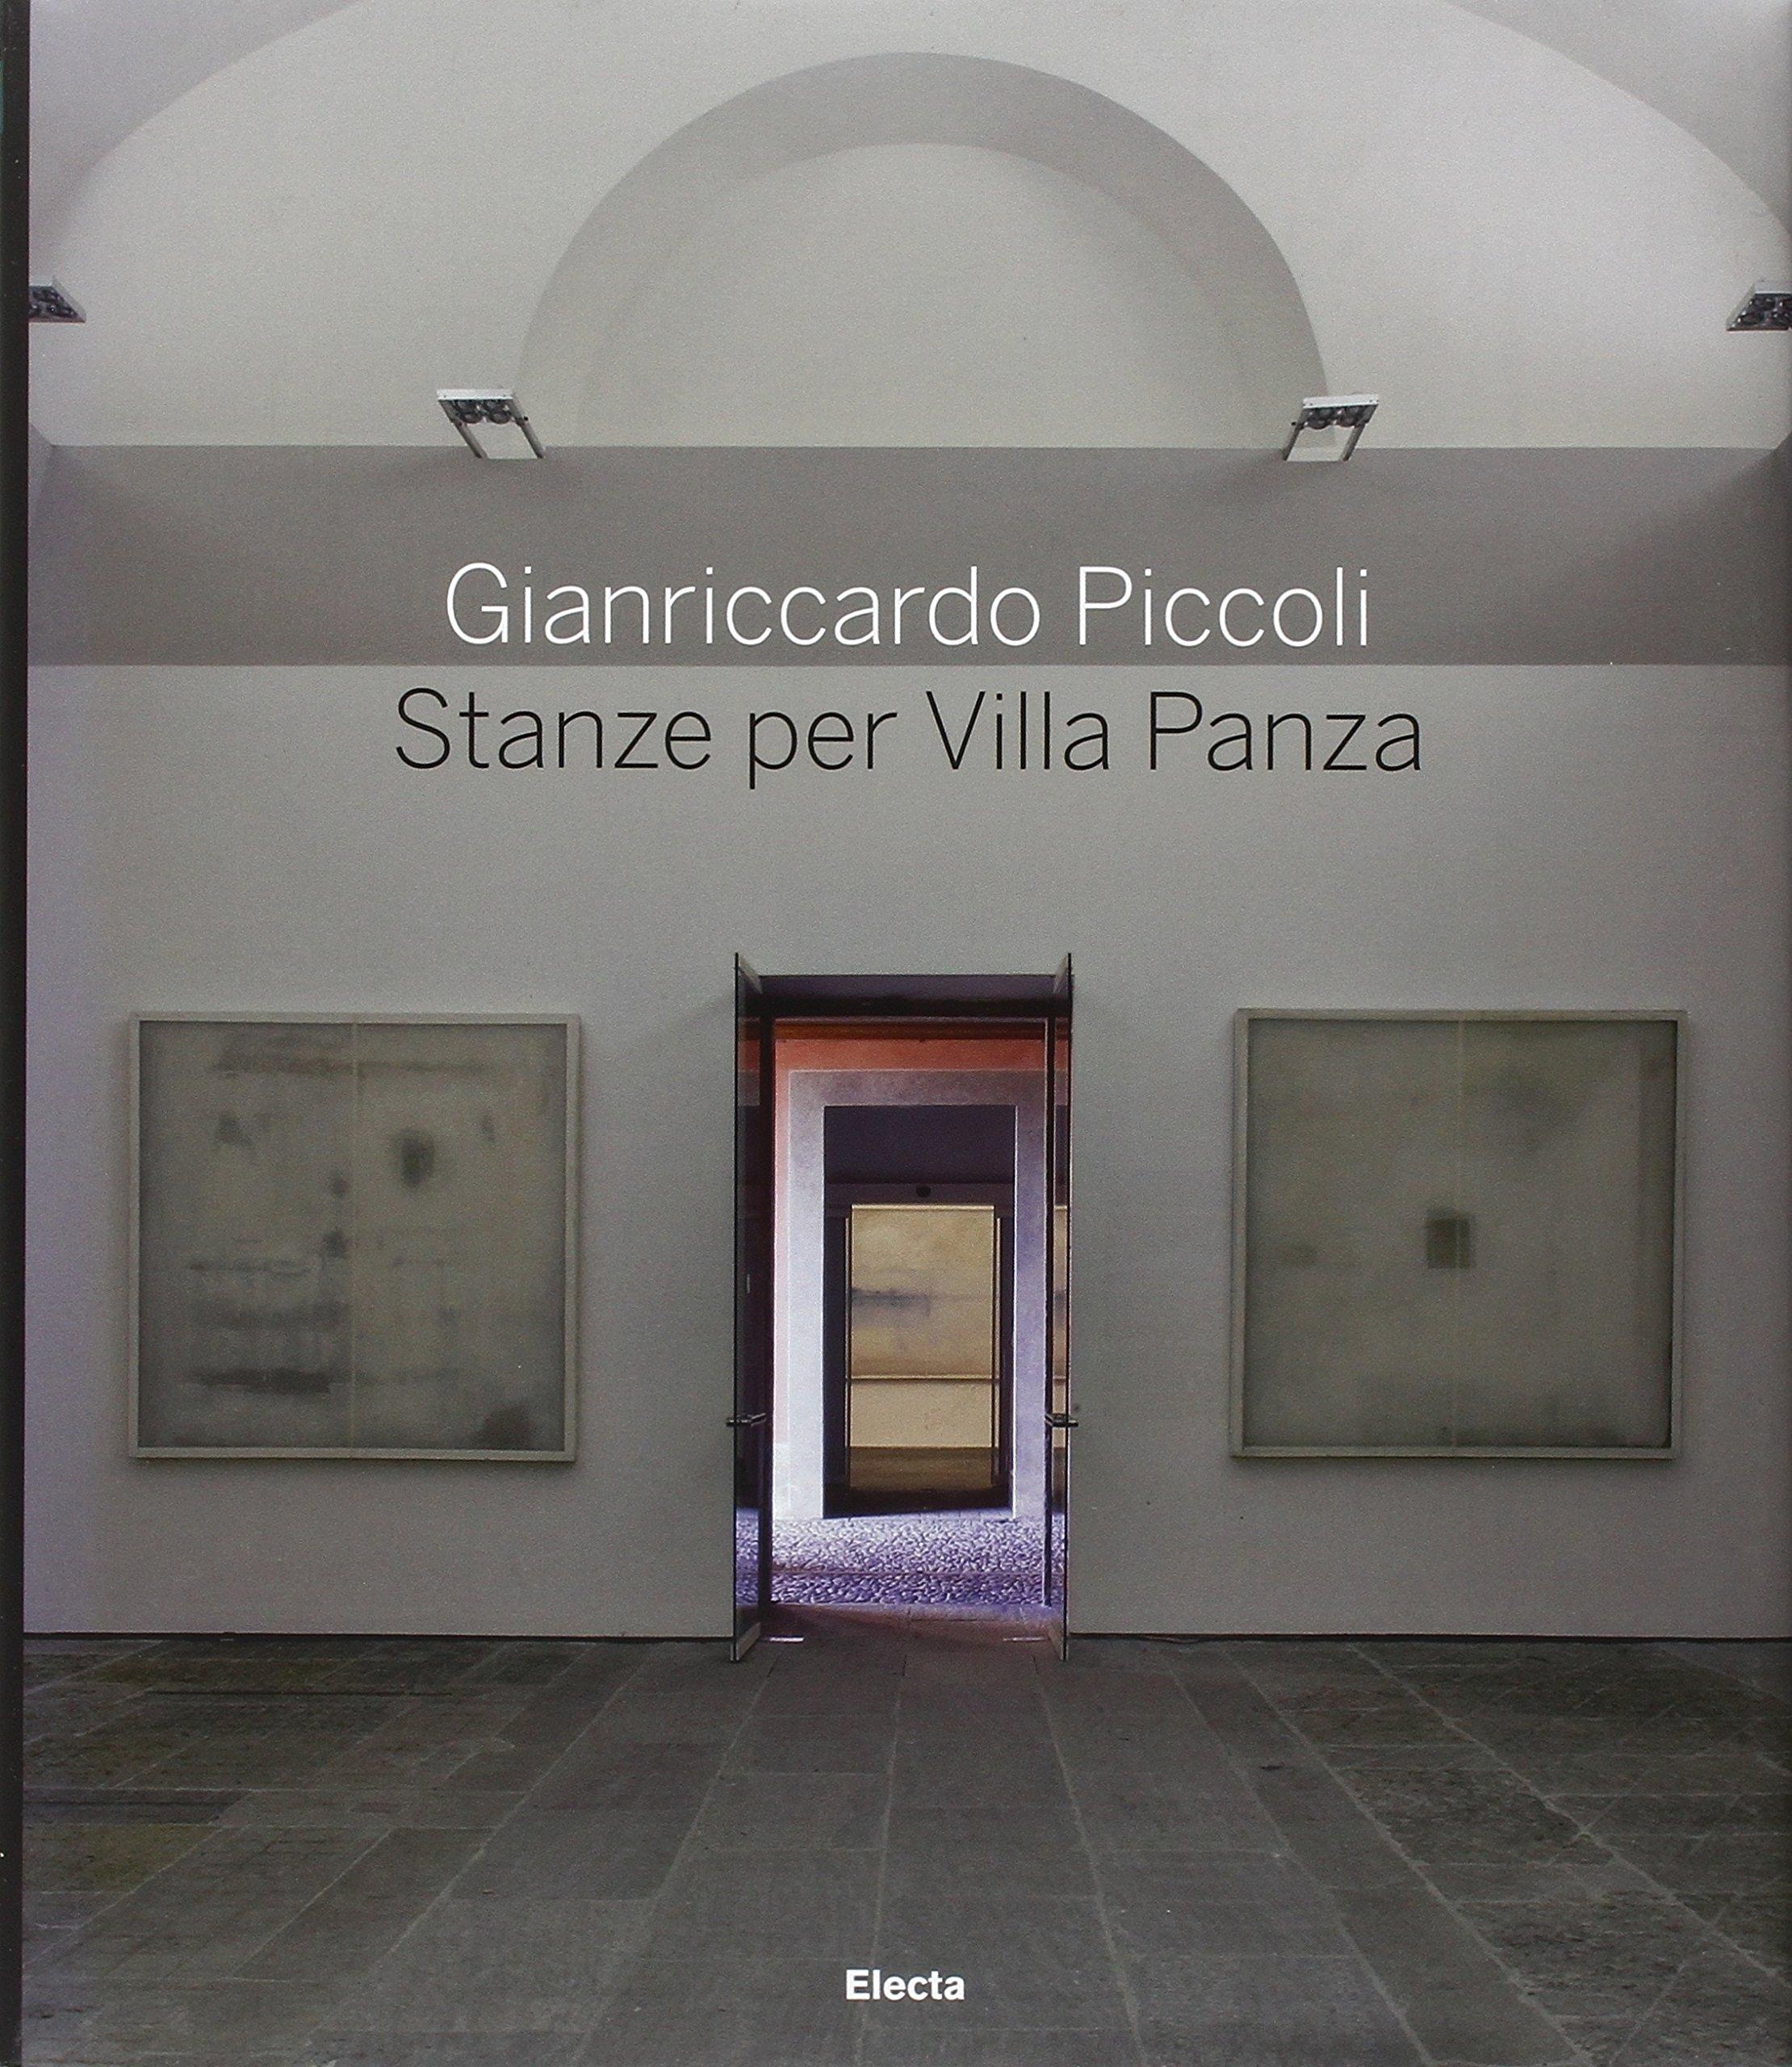 Gianriccardo Piccoli. Stanze per Villa Panza